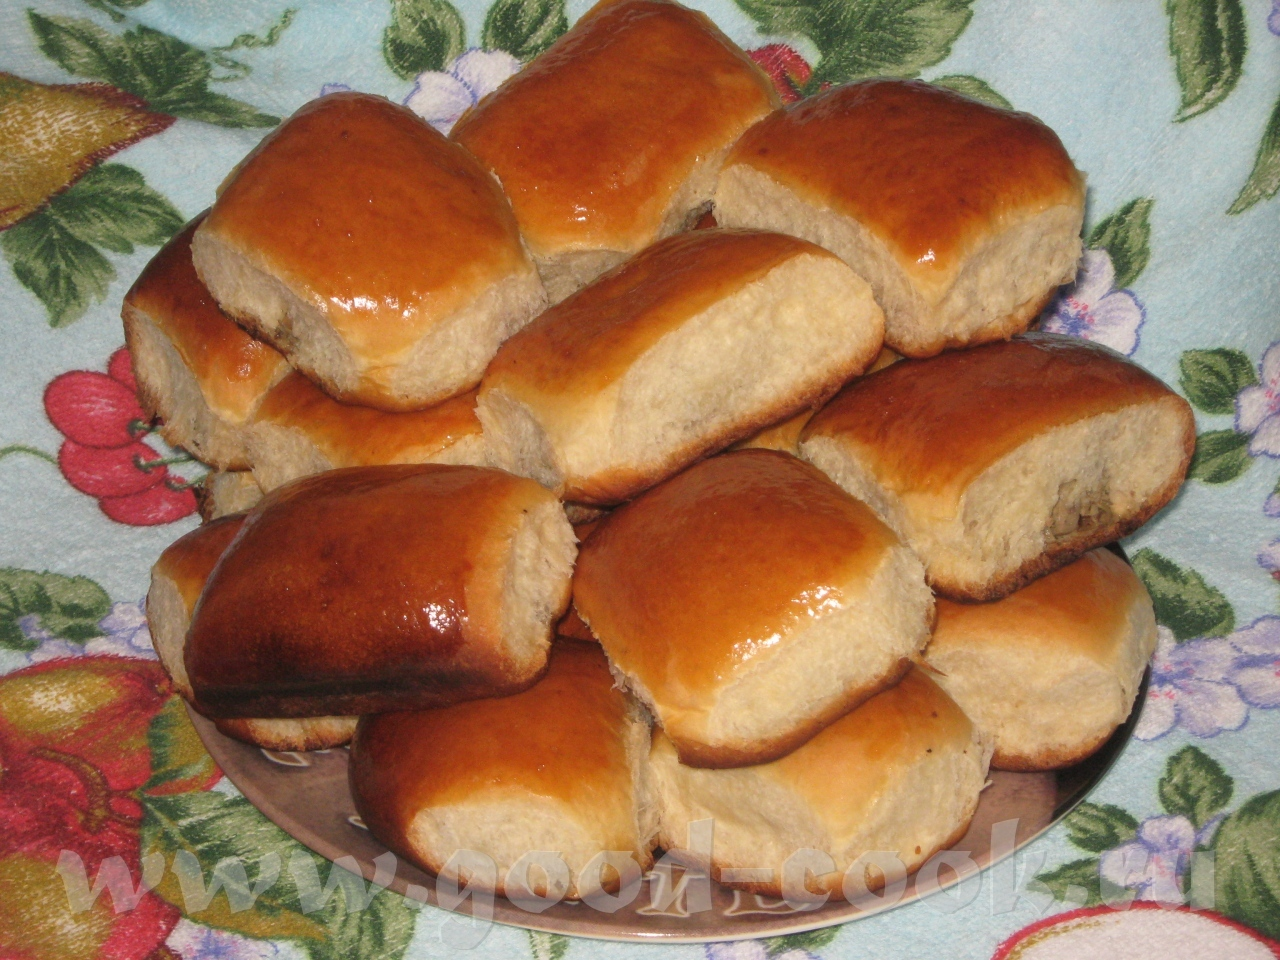 Пирожки жареные на сковороде без дрожжей рецепт пошагово